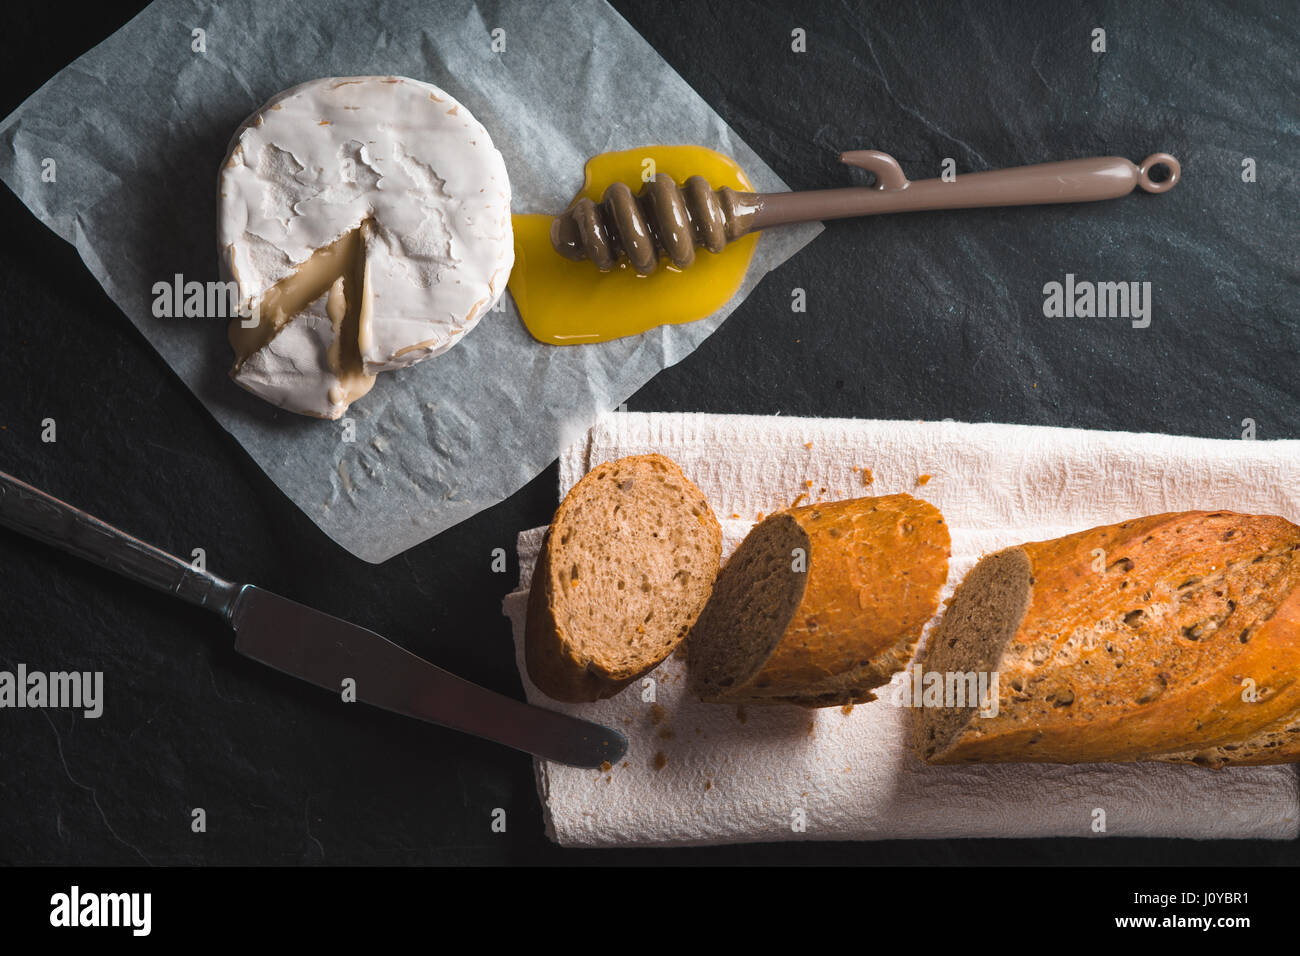 Fromage Brie, morceaux de pain baguette, du miel sur parchemin Photo Stock